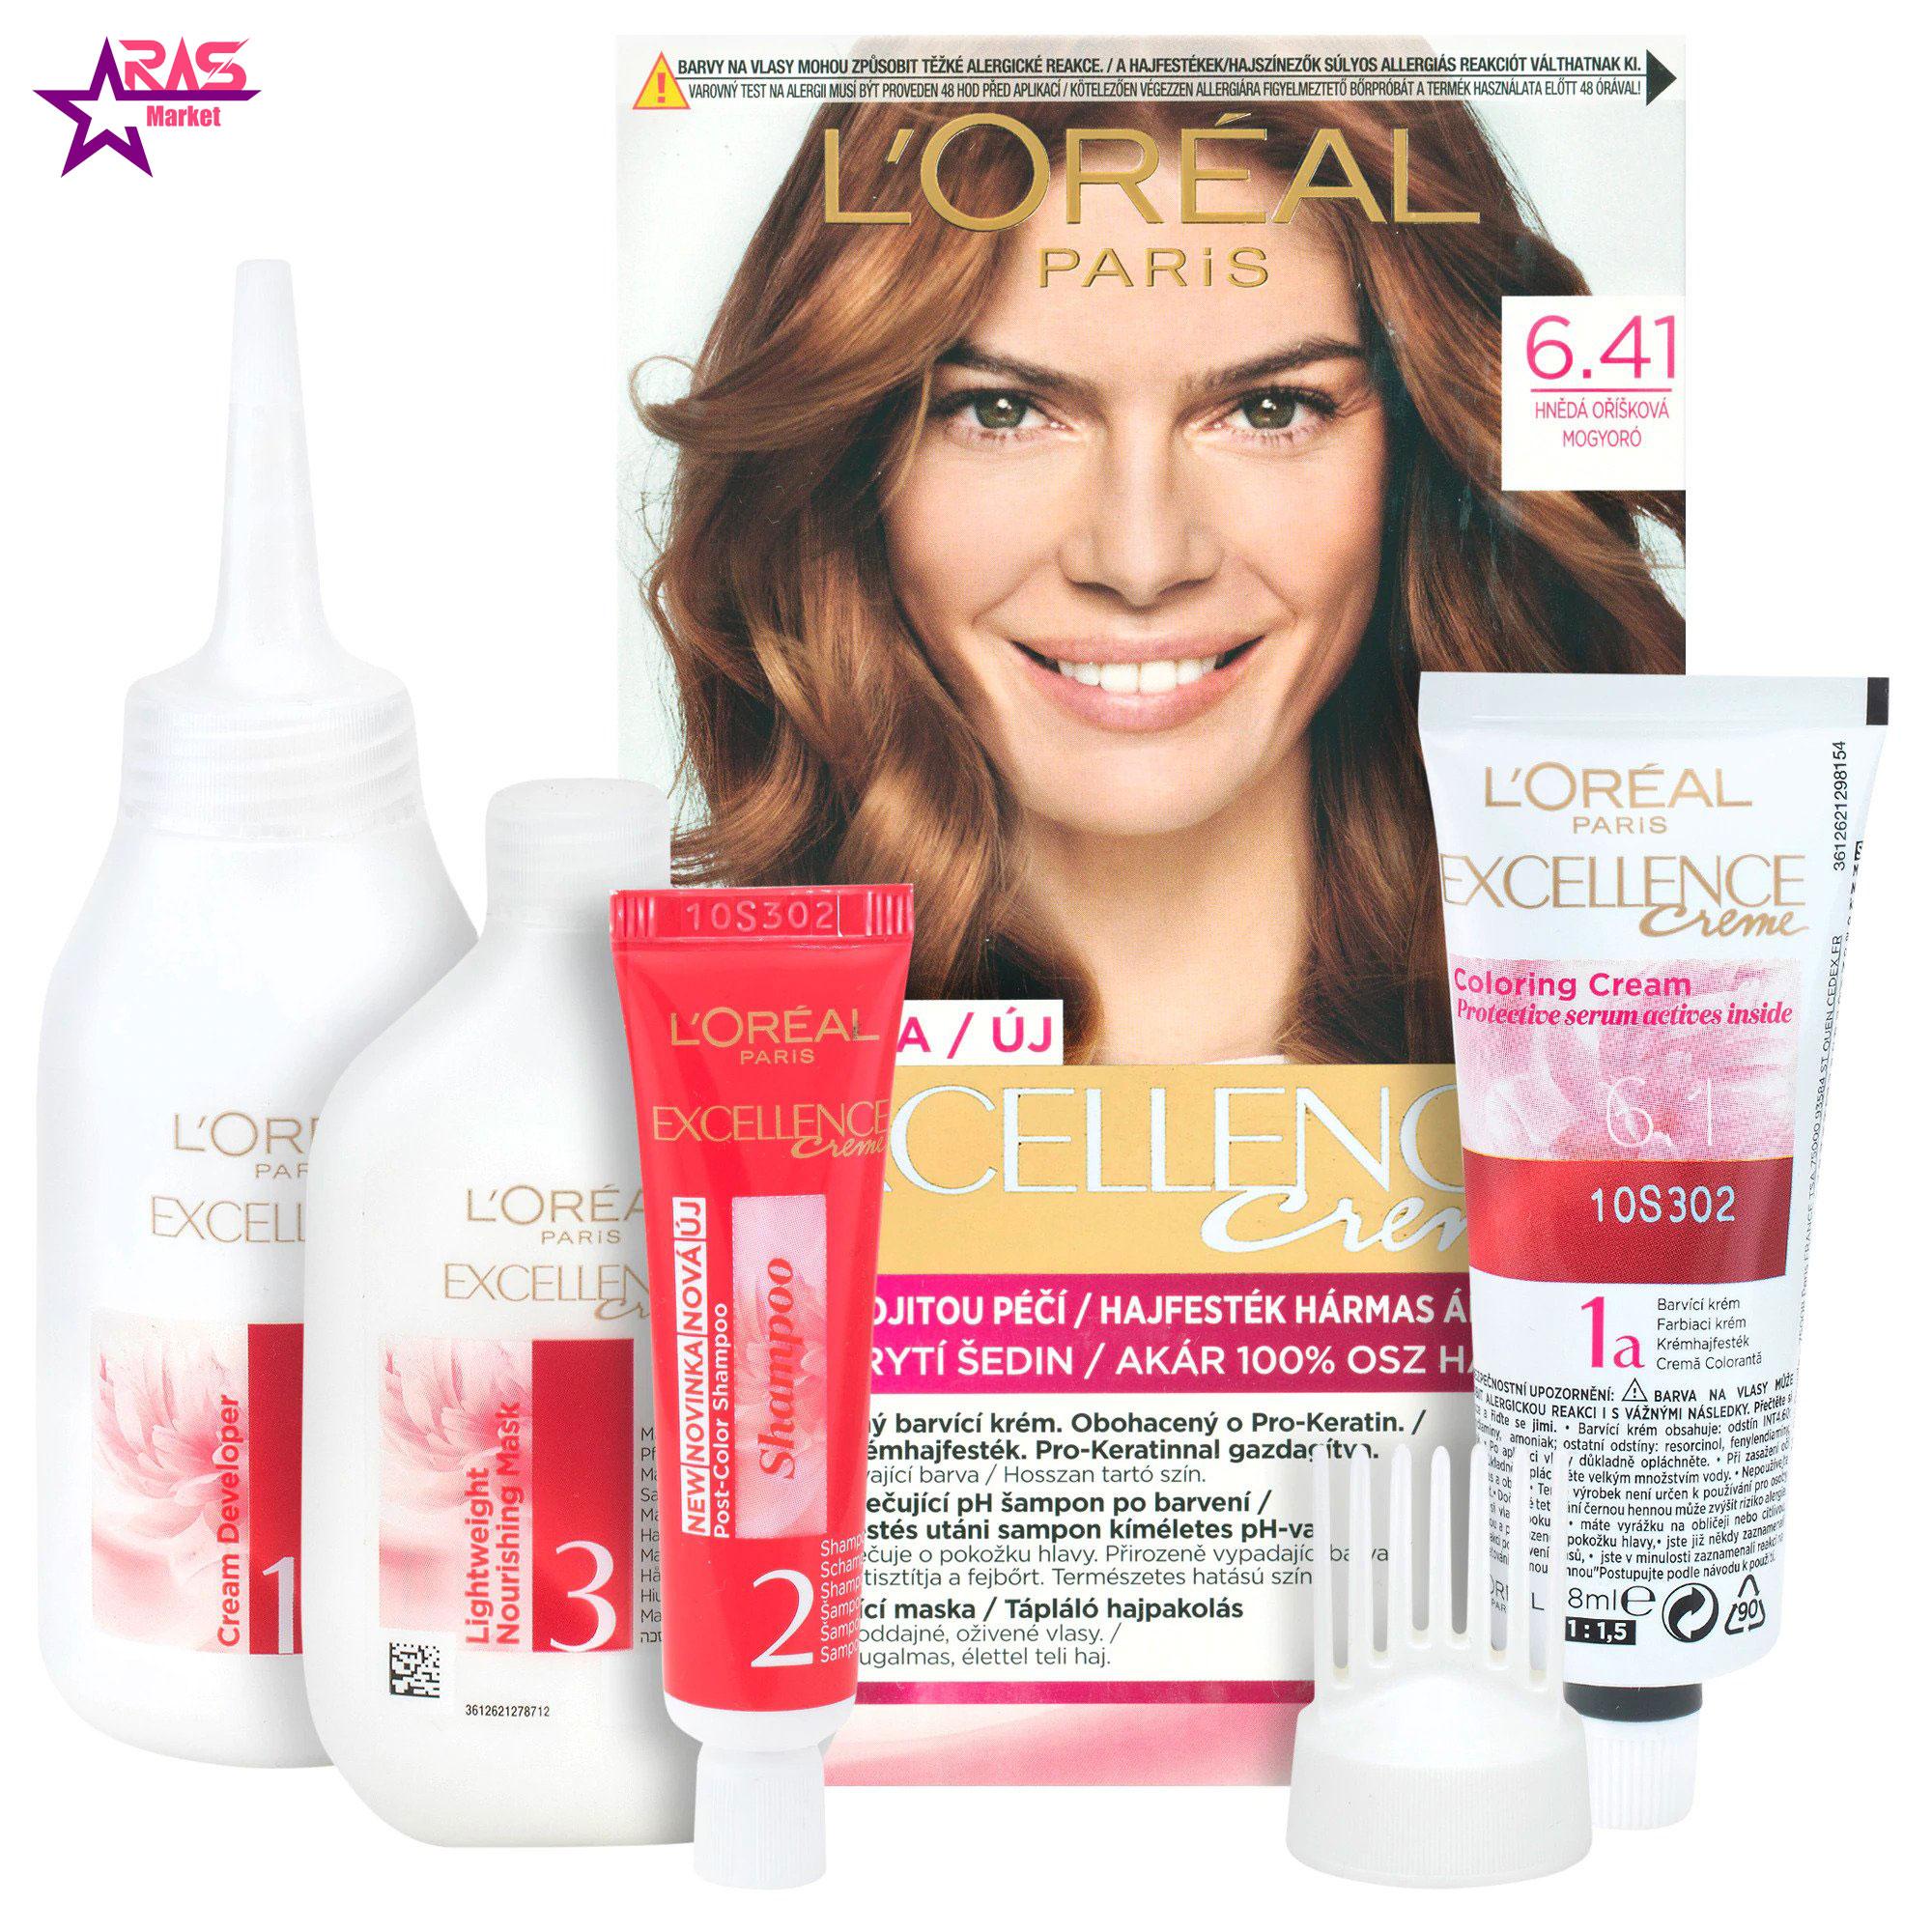 کیت رنگ مو لورآل سری Excellence شماره 6.41 ، فروشگاه اینترنتی ارس مارکت ، بهداشت بانوان ، loreal